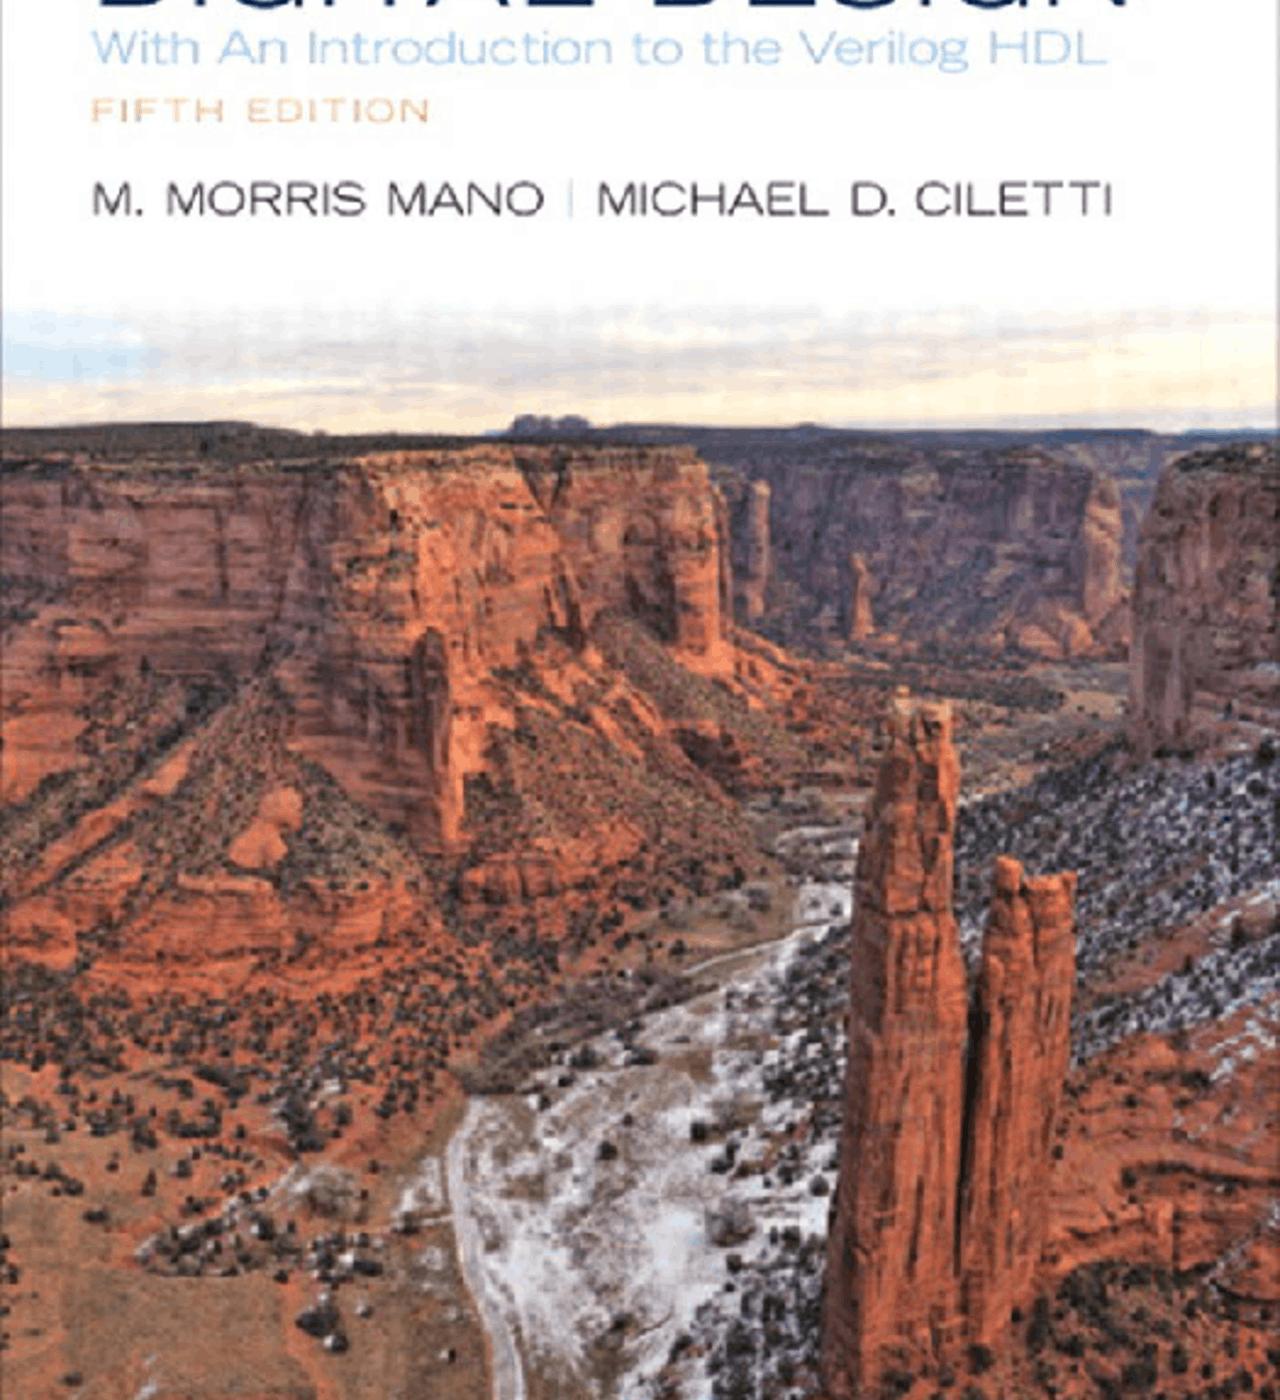 دانلود کتاب طراحی دیجیتال موریس مانو ویرایش 5